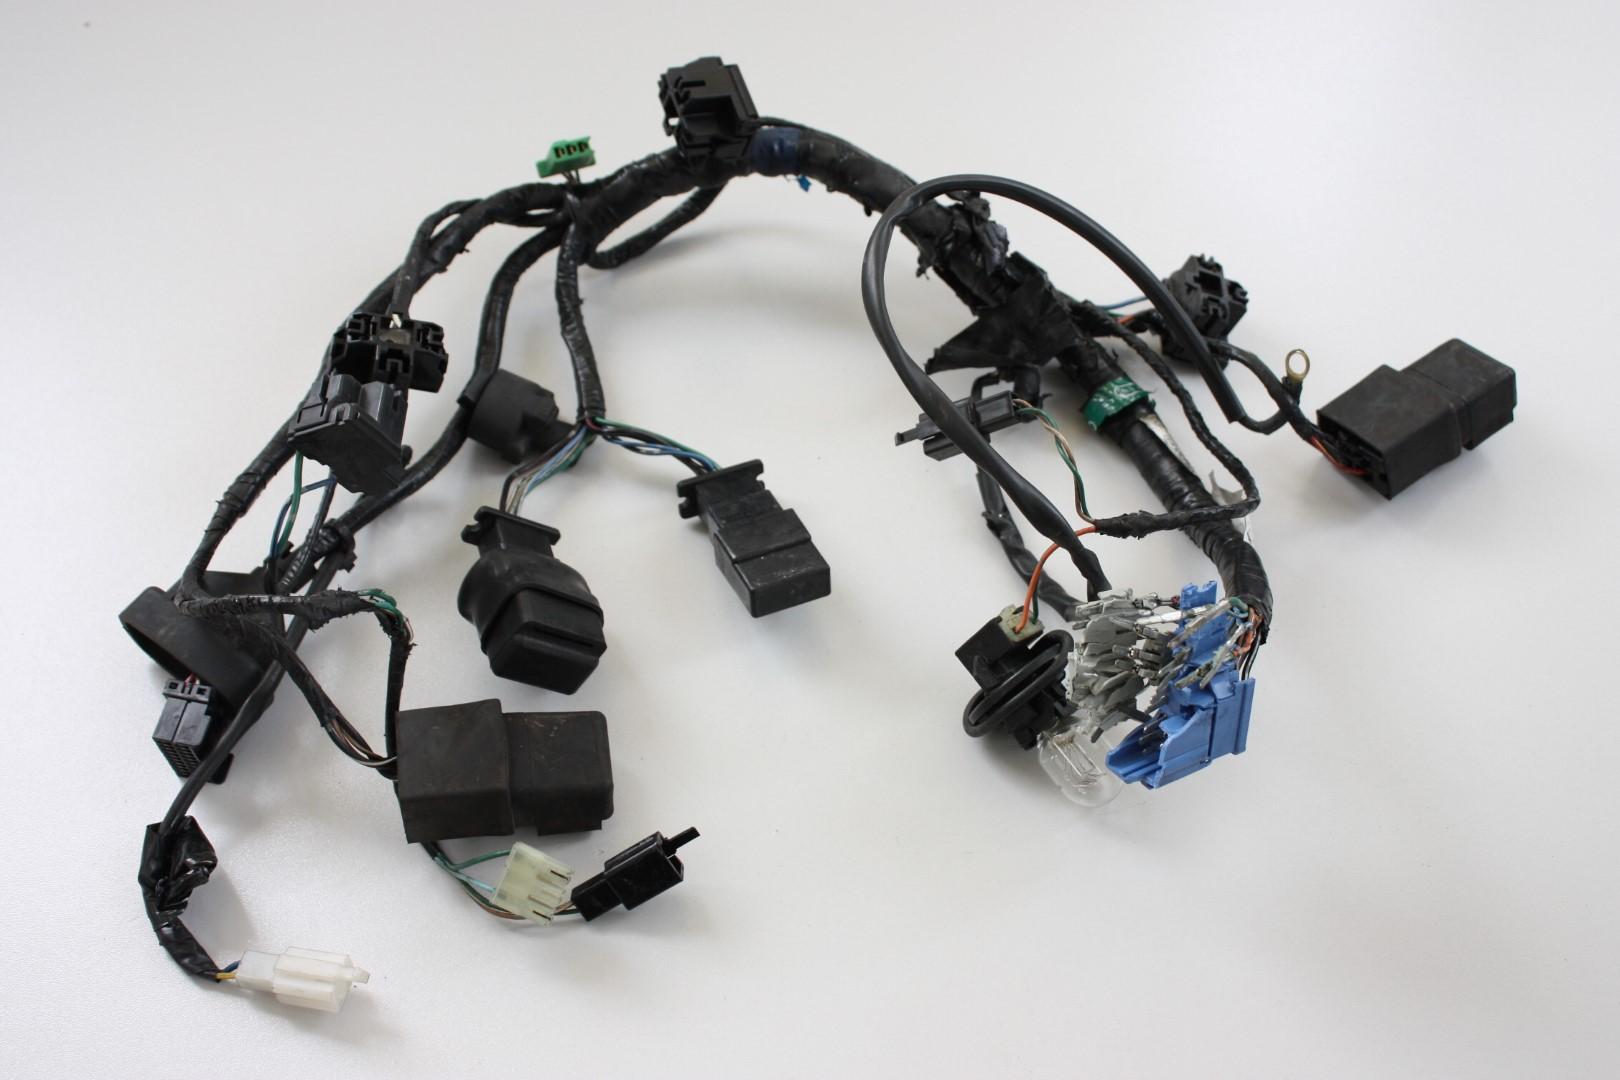 2006 Honda Vfr 800 Speedo Headlights Wiring Loom Harness